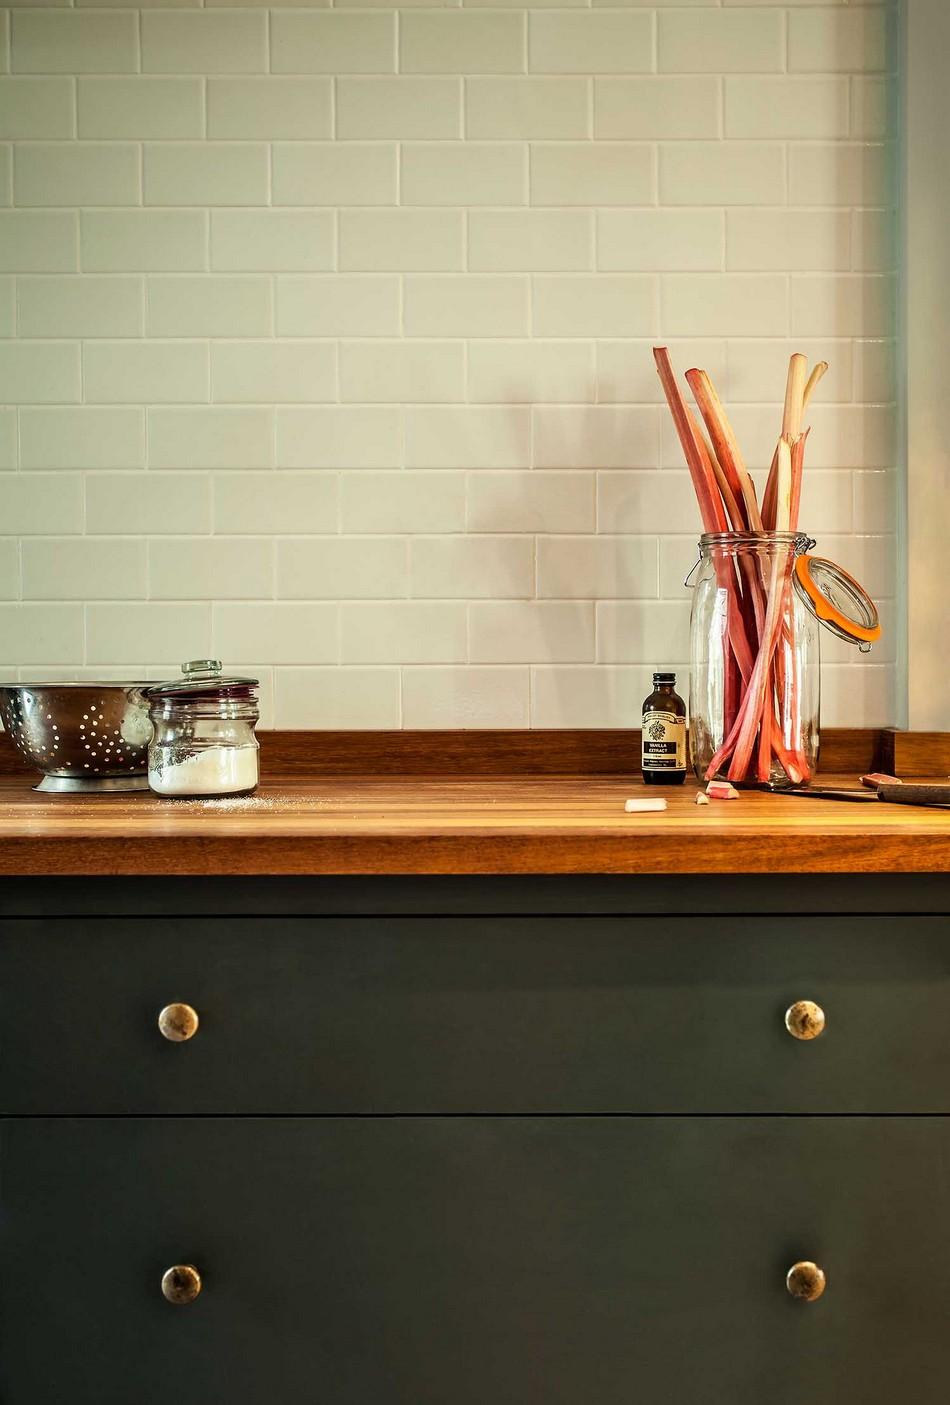 Дизайн ручек кухонного гарнитура цвета латуни